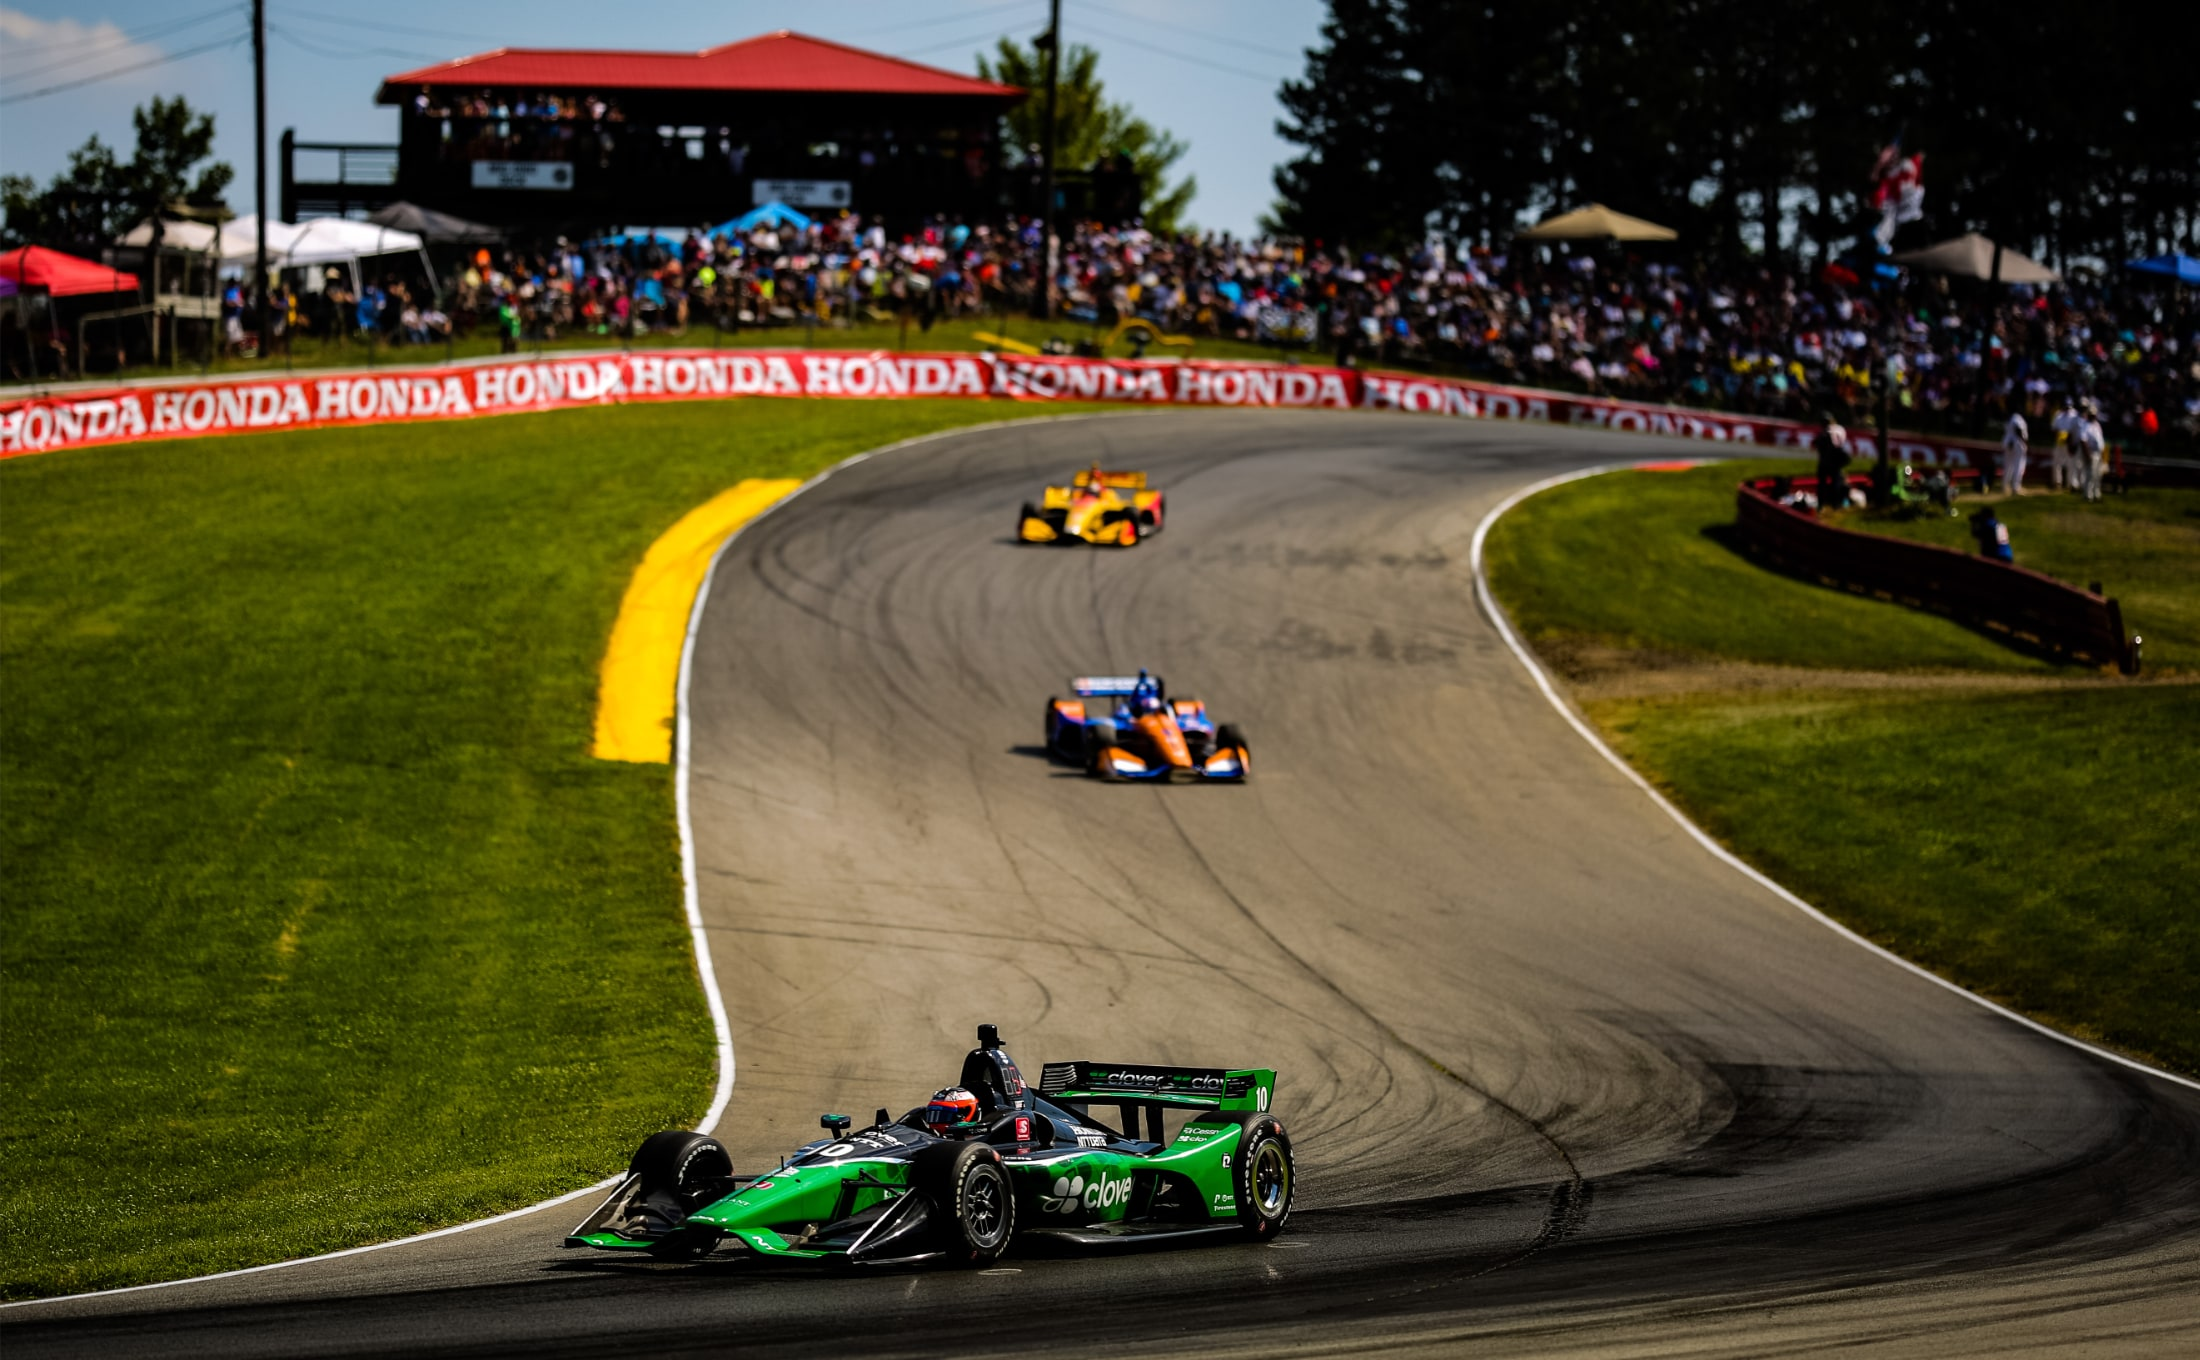 Felix Rosenqvist in Clover Ganassi Honda Indy car at Mid-Ohio